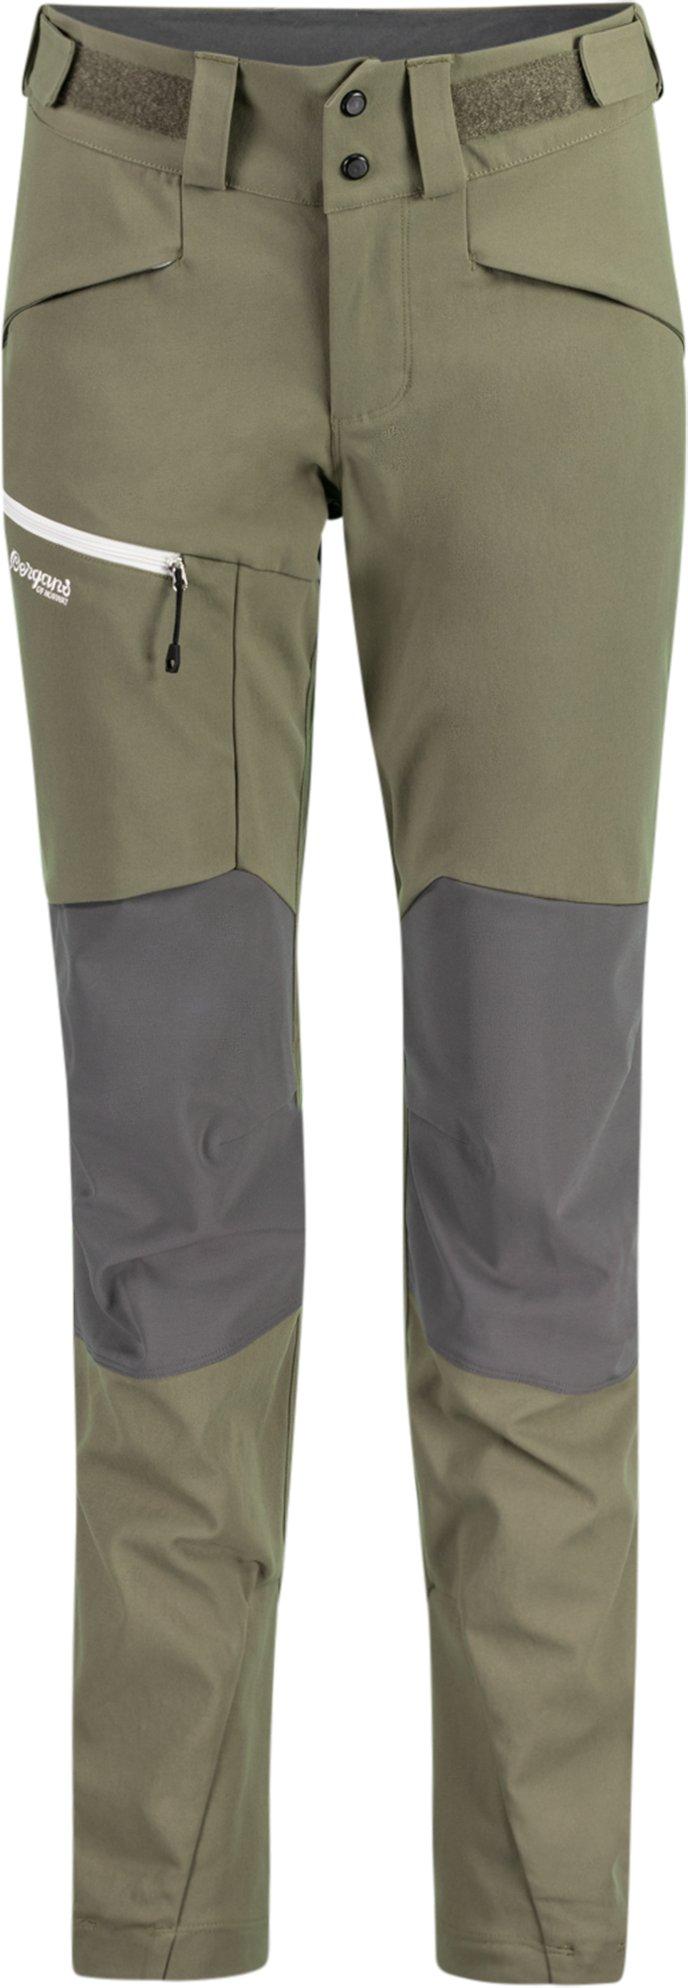 Bergans Rabot 365 Hybrid Pant (Dame)